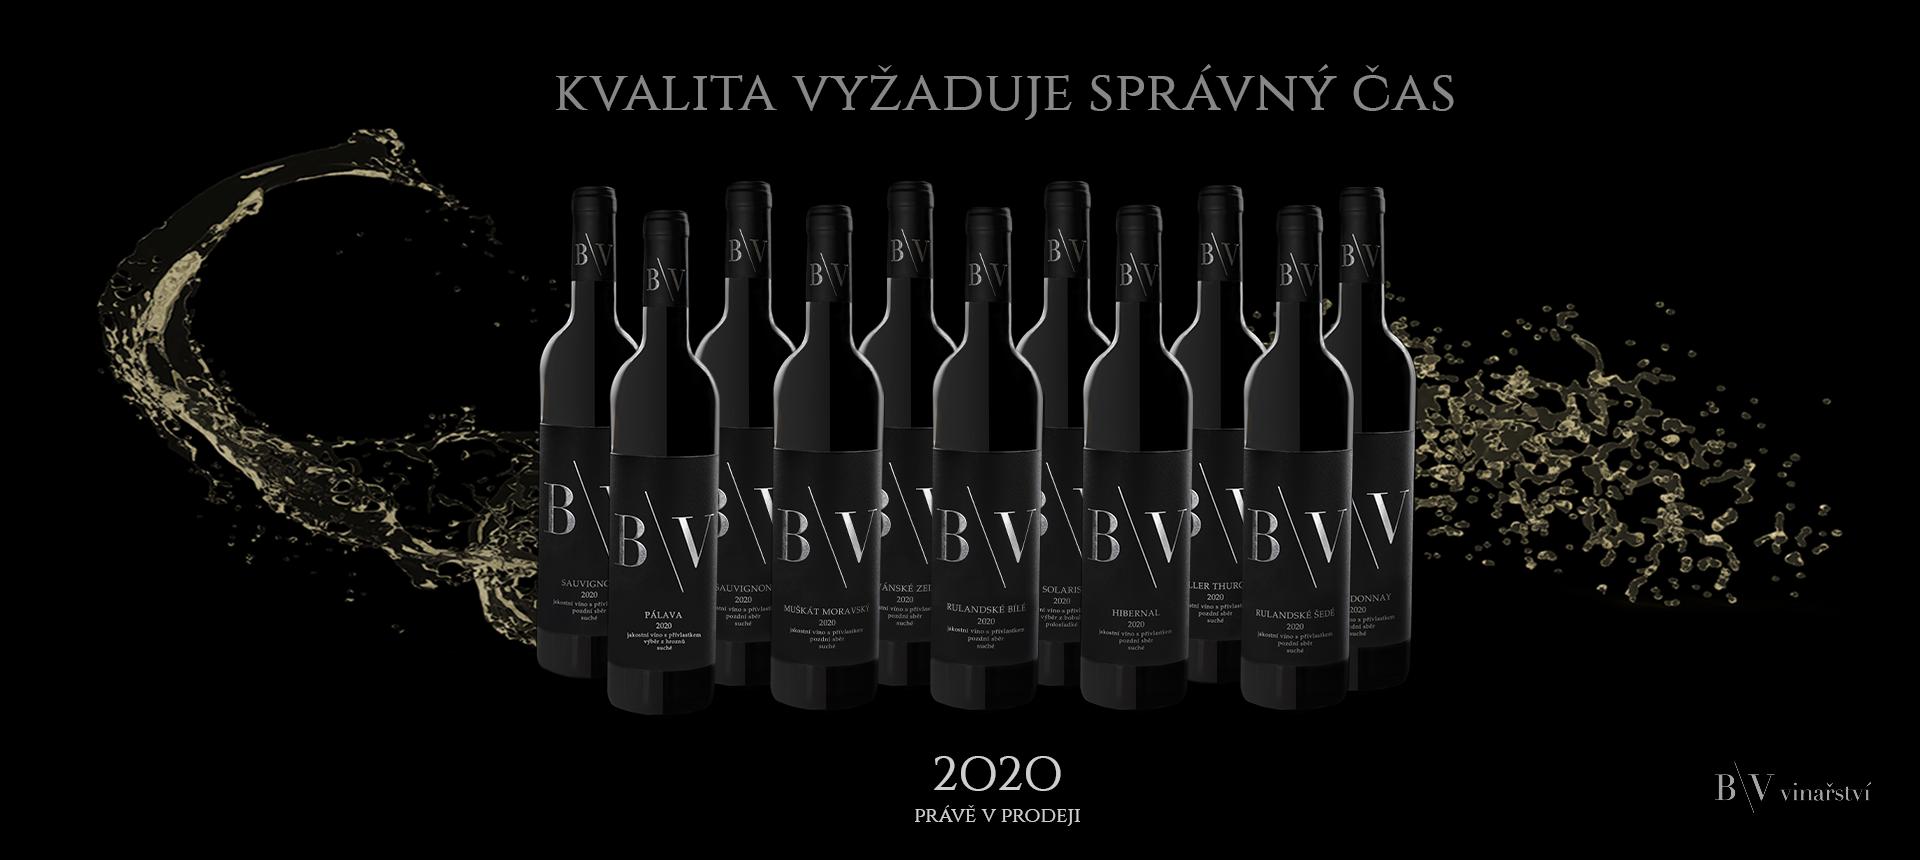 Ročník 2020